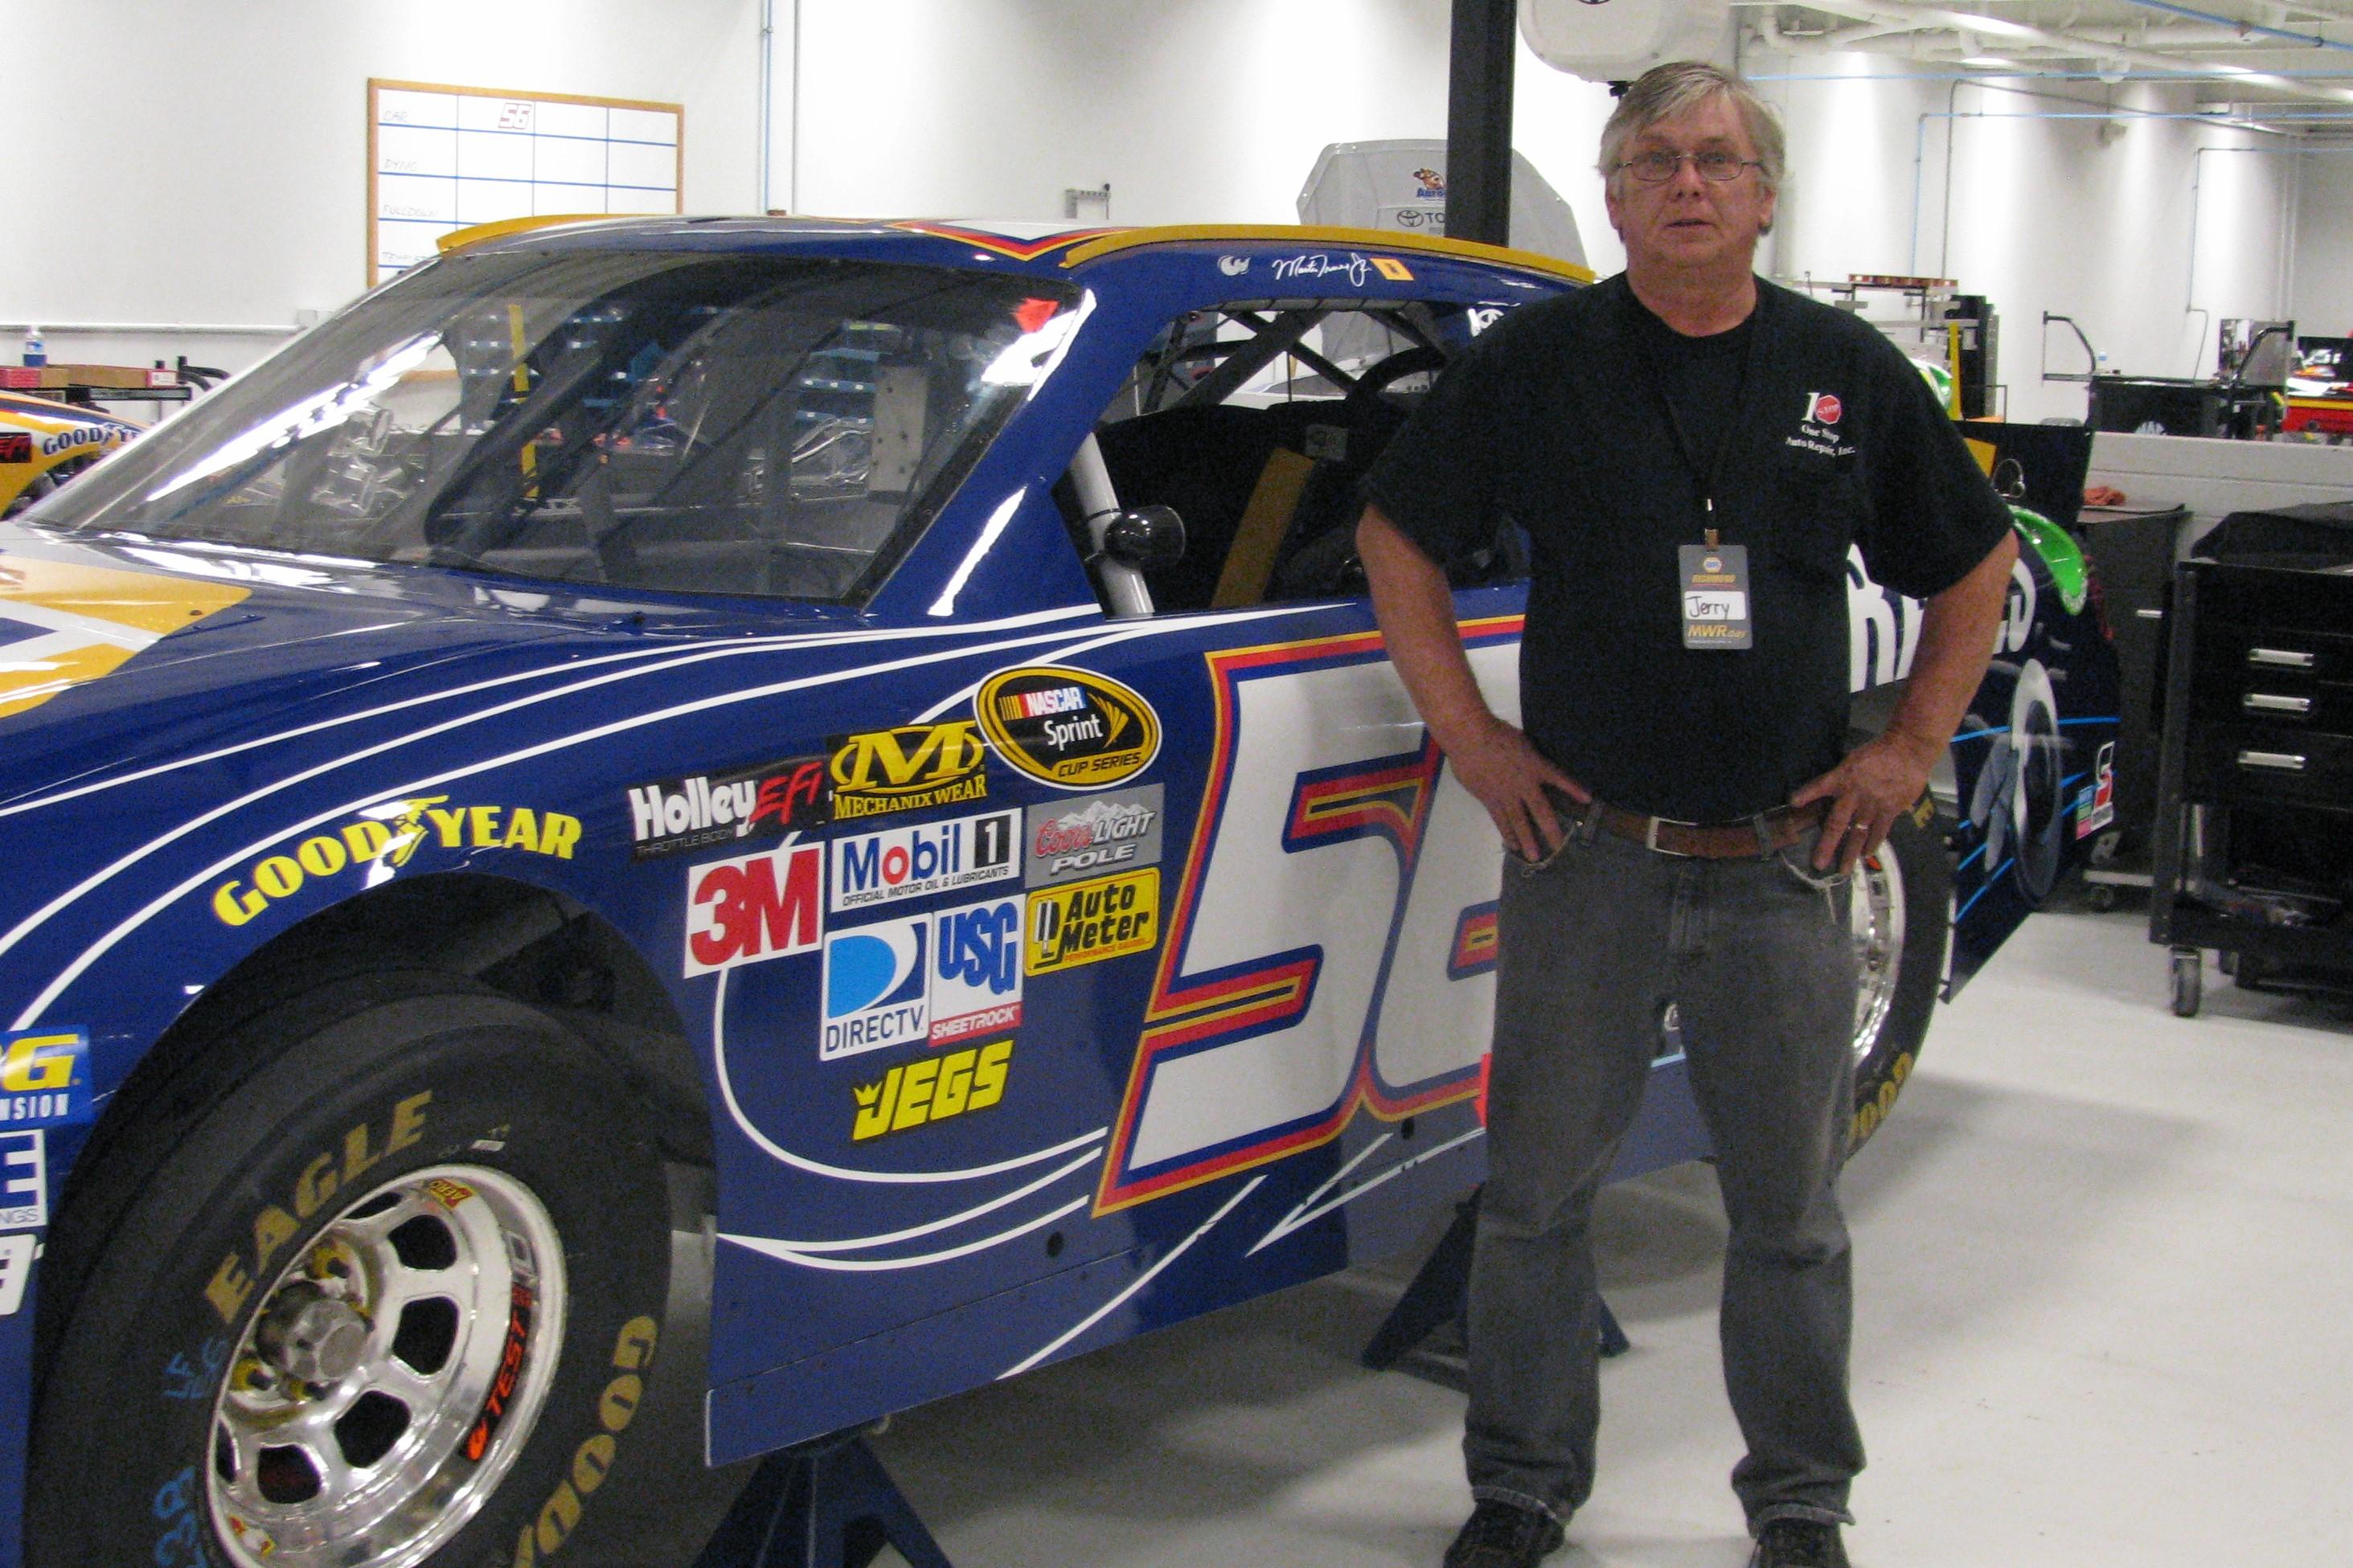 Jiffy Lube Hours Sunday >> One Stop Auto Repair Inc., Richmond Virginia (VA) - LocalDatabase.com